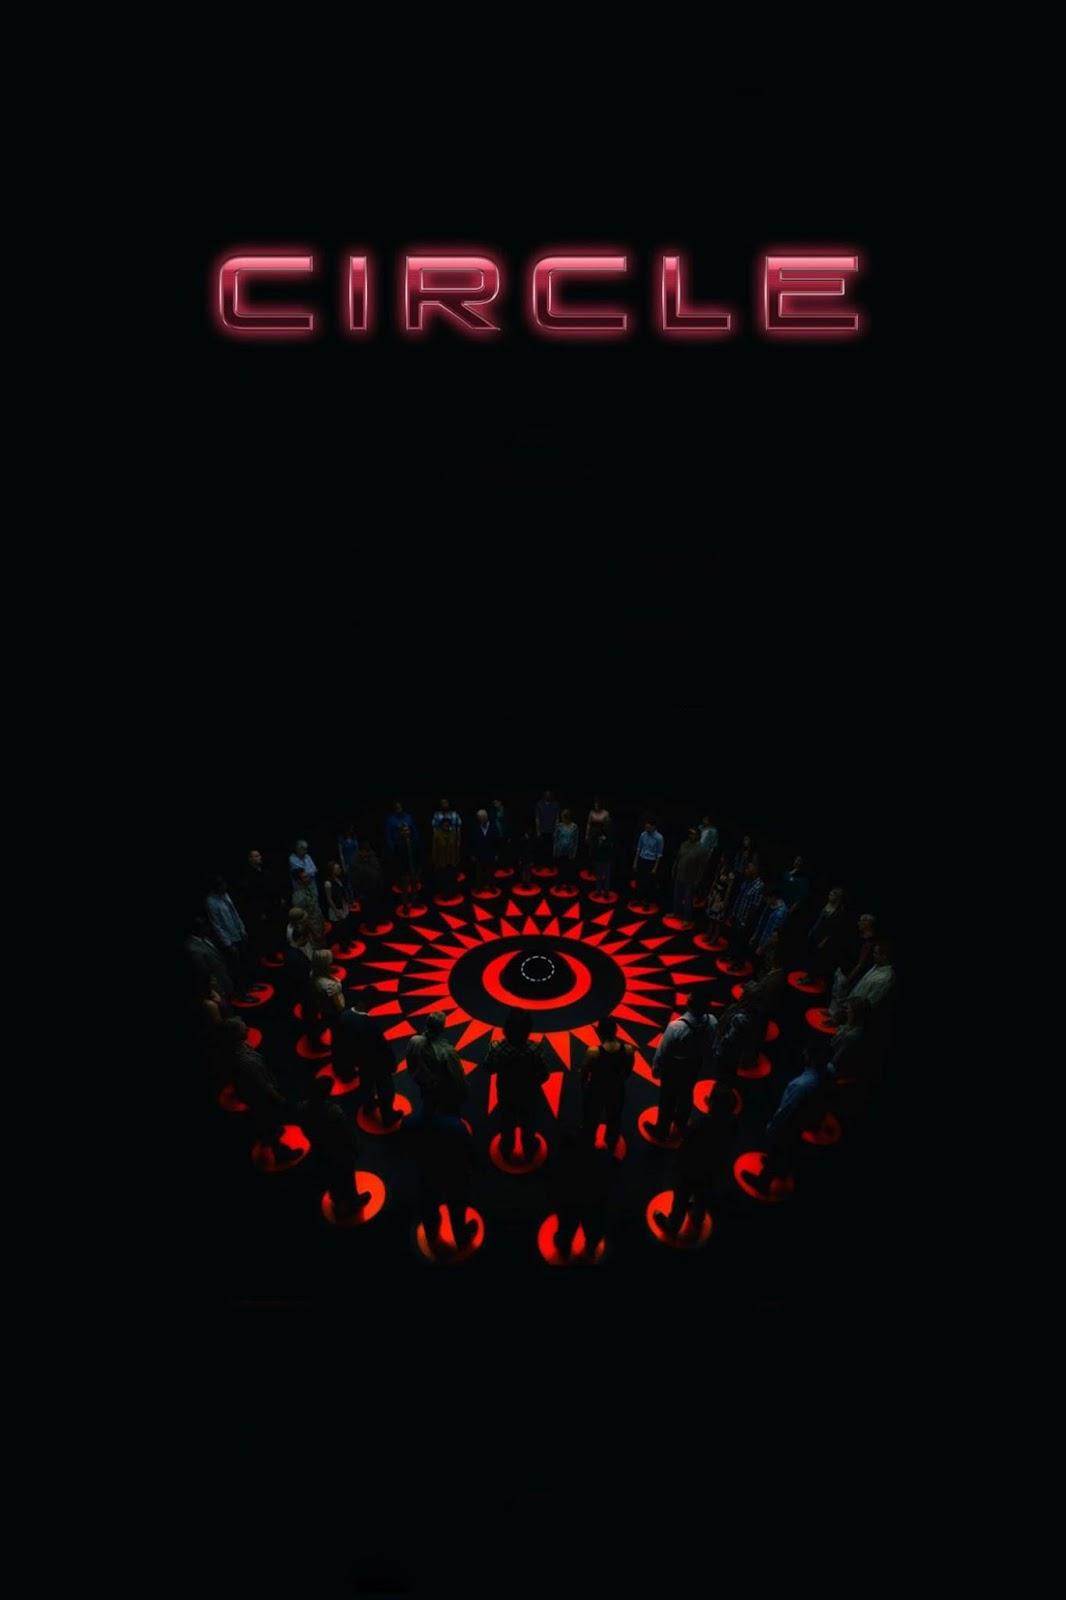 LEO KLEIN - CIRCLE - 2015